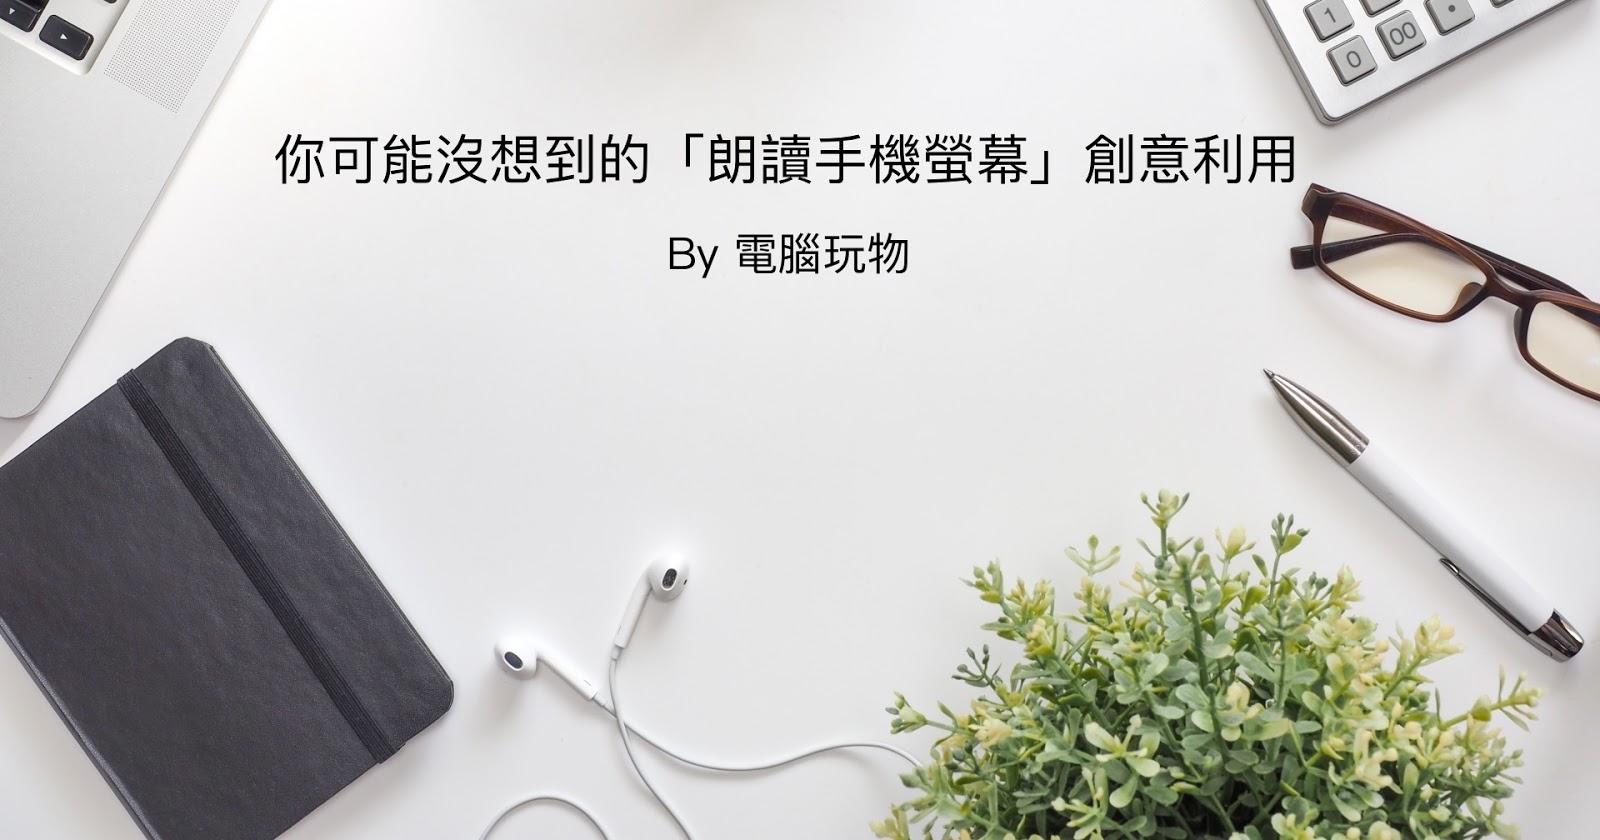 聽讀生產力: iPhone 朗讀螢幕的 9 種考試、學習、工作活用法